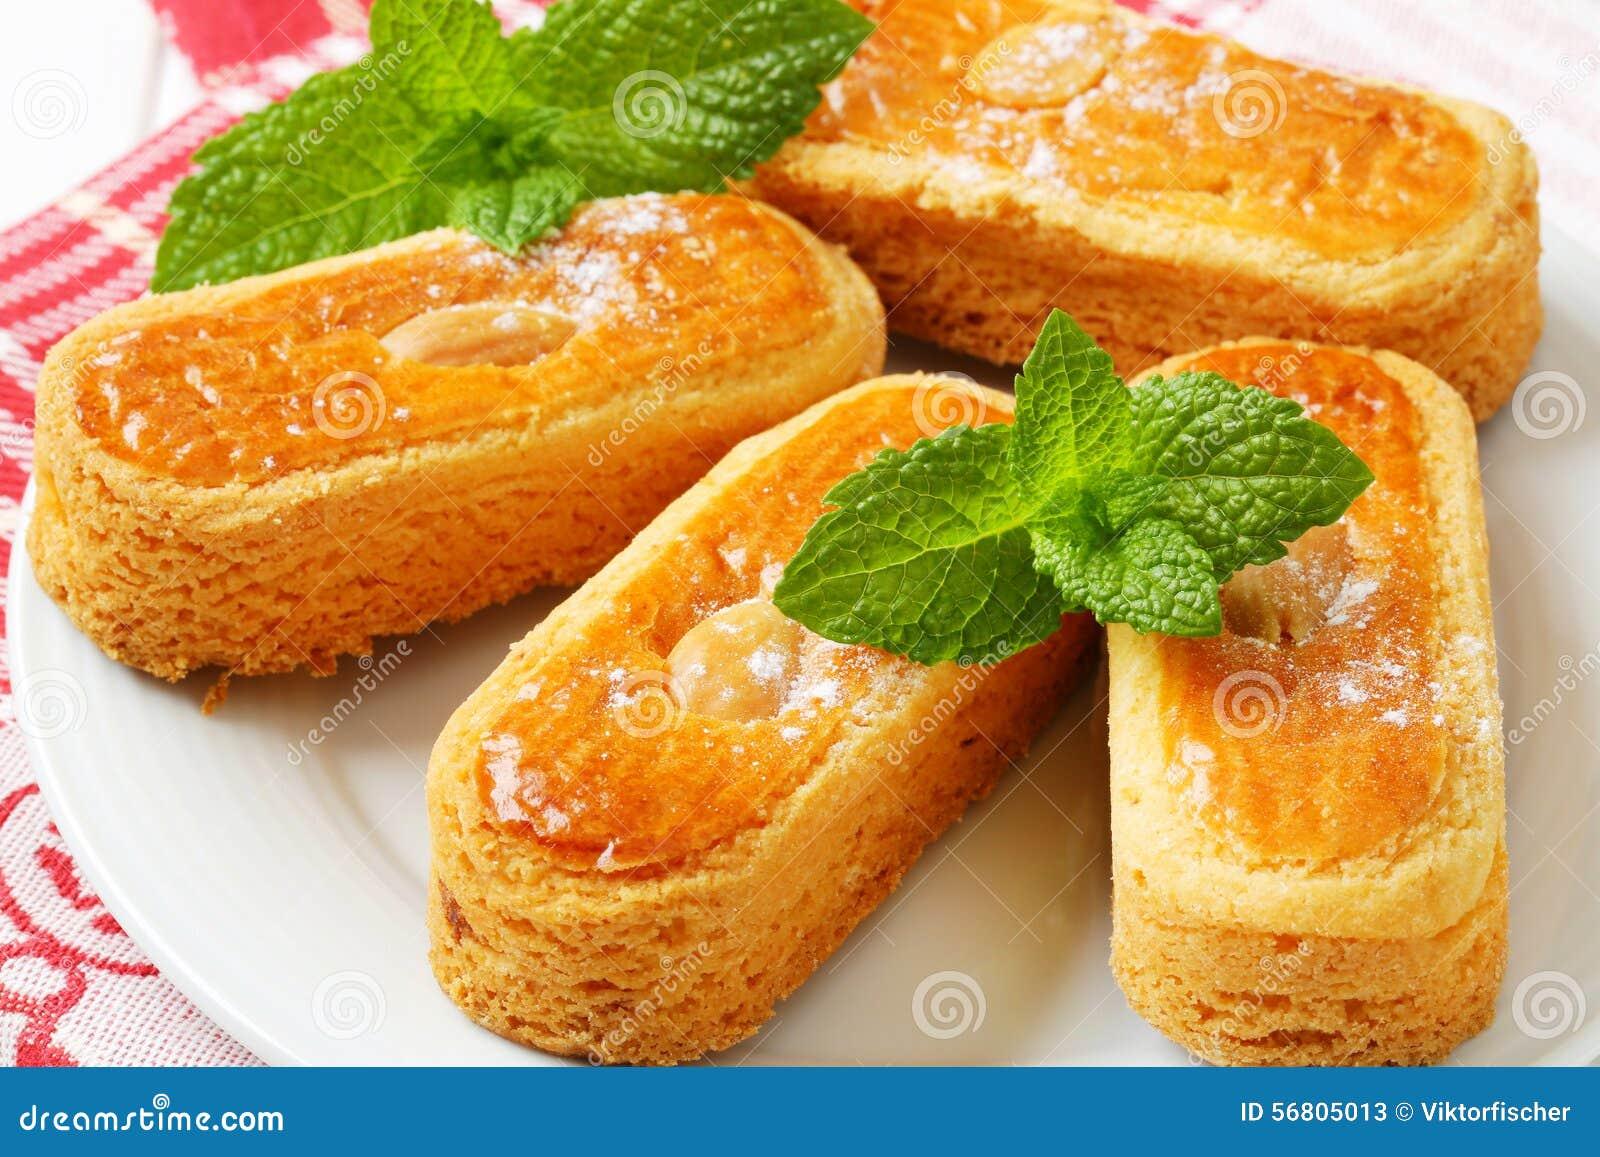 Biscuits d amande néerlandais